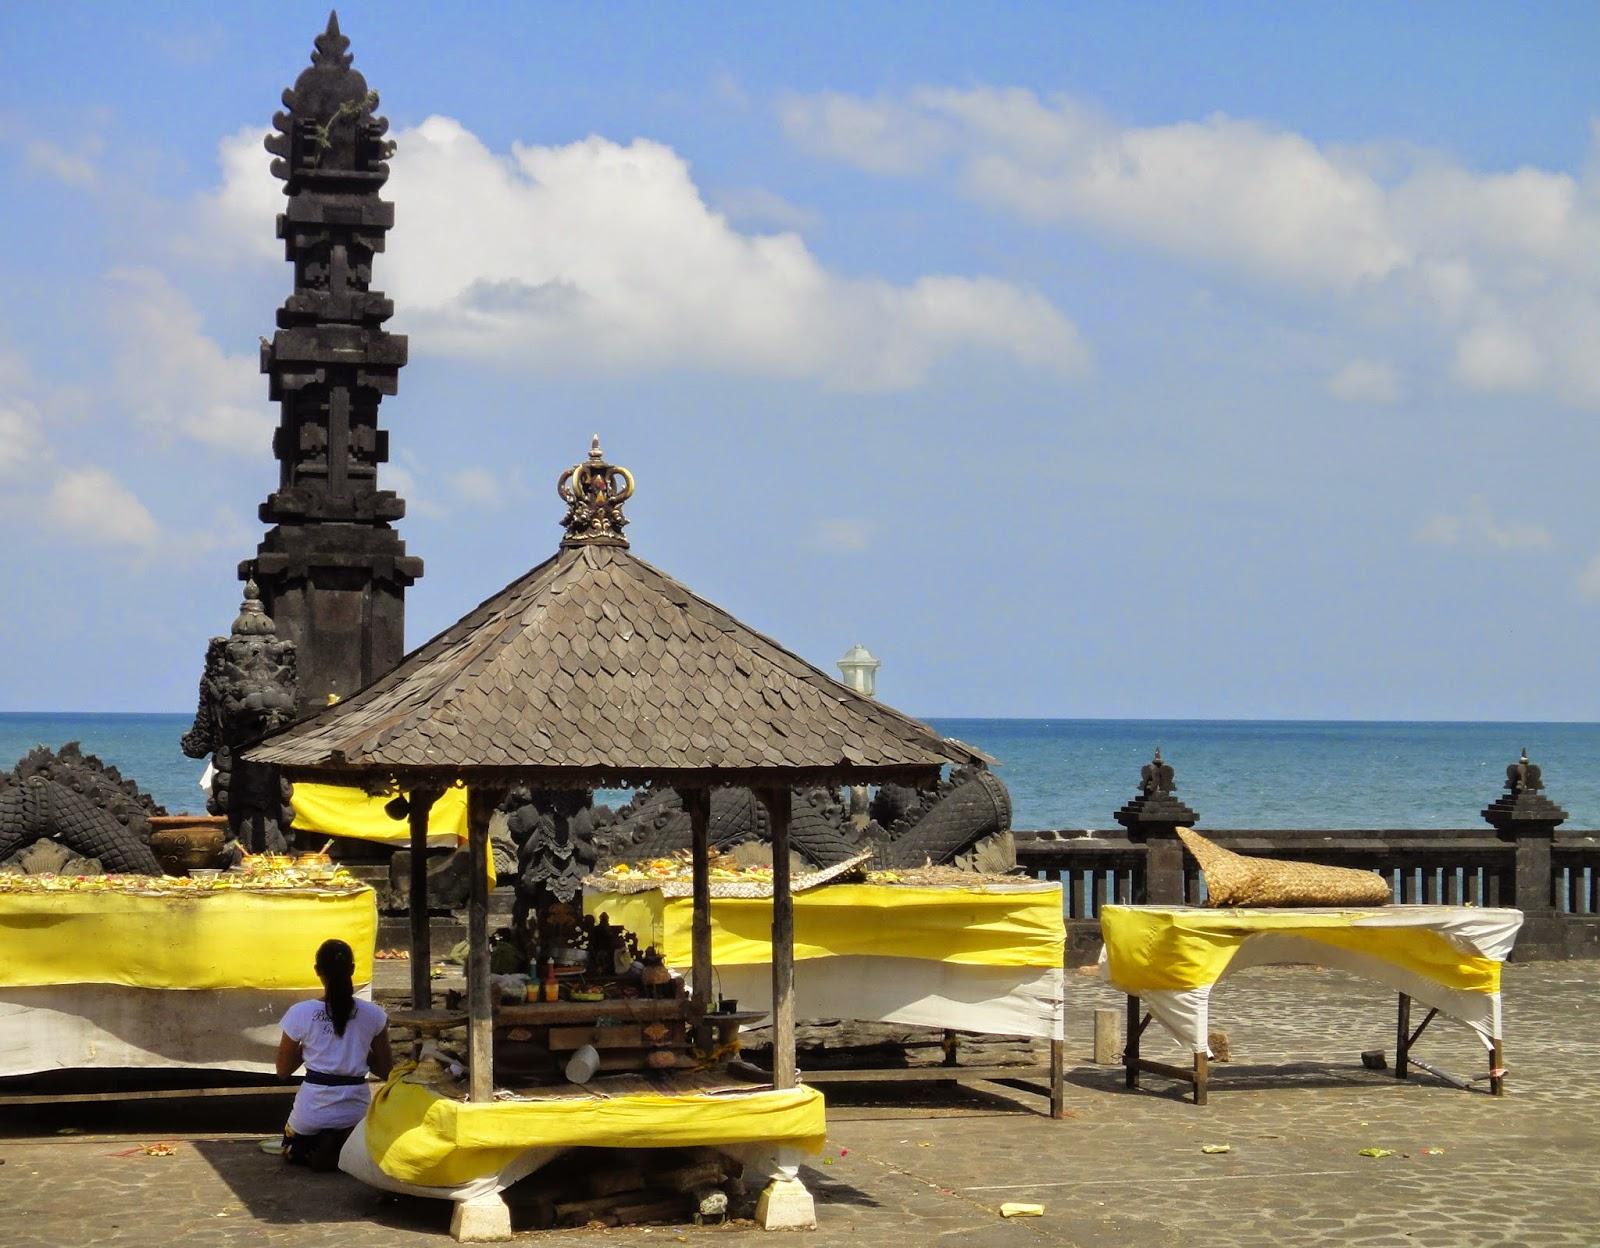 Balinese praying at Pura Tanah Lot Bali Island